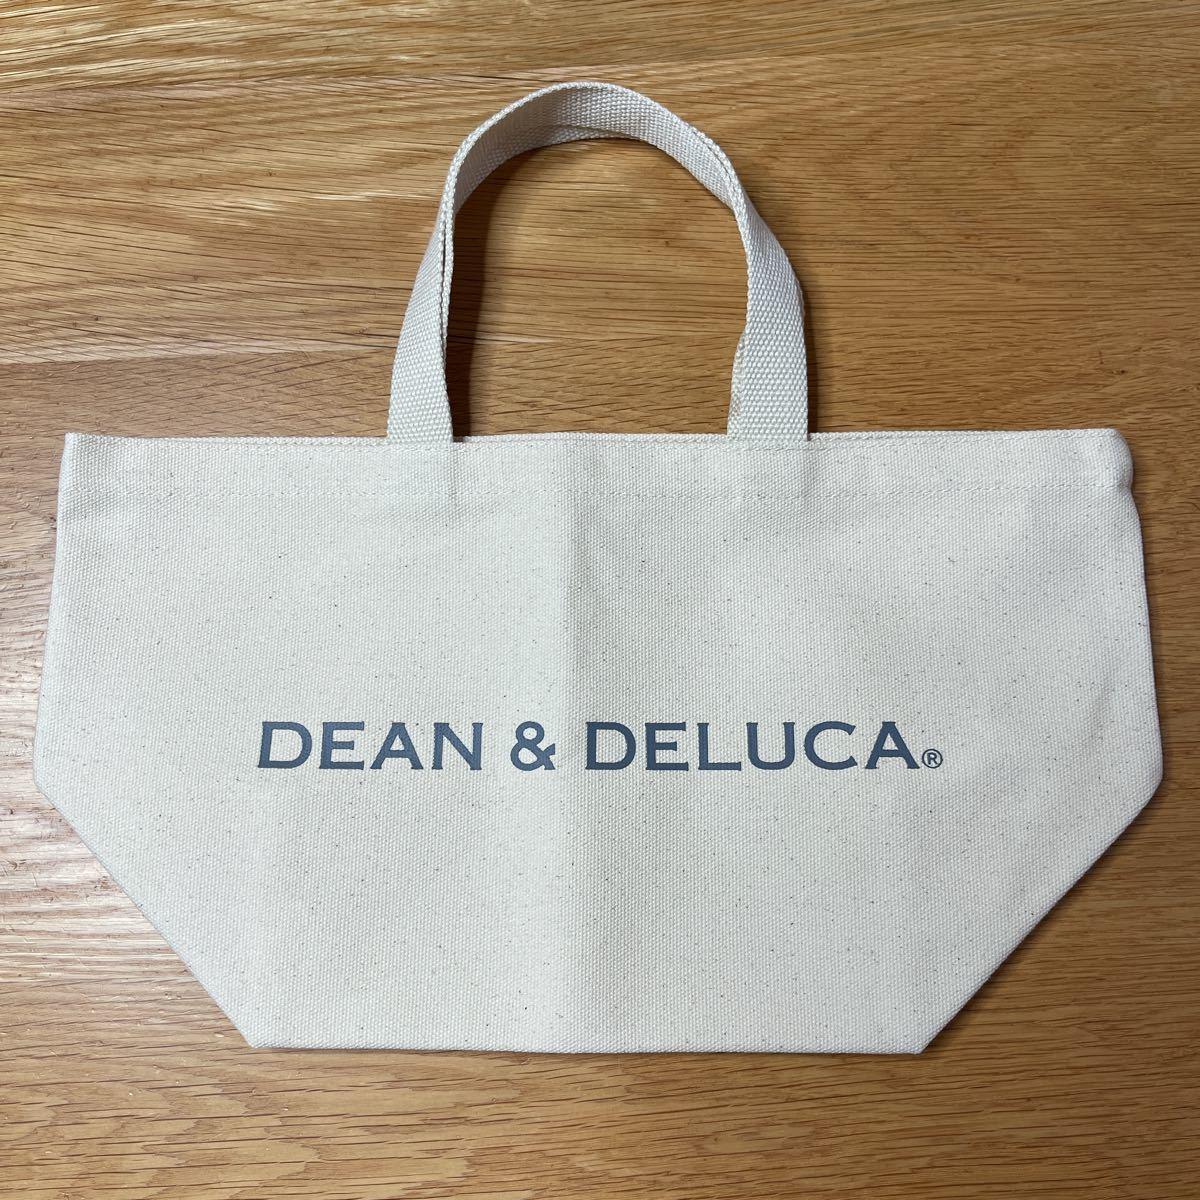 DEAN&DELUCA トートバッグ Sサイズ  ディーン&デルーカ ディーンアンドデルーカ